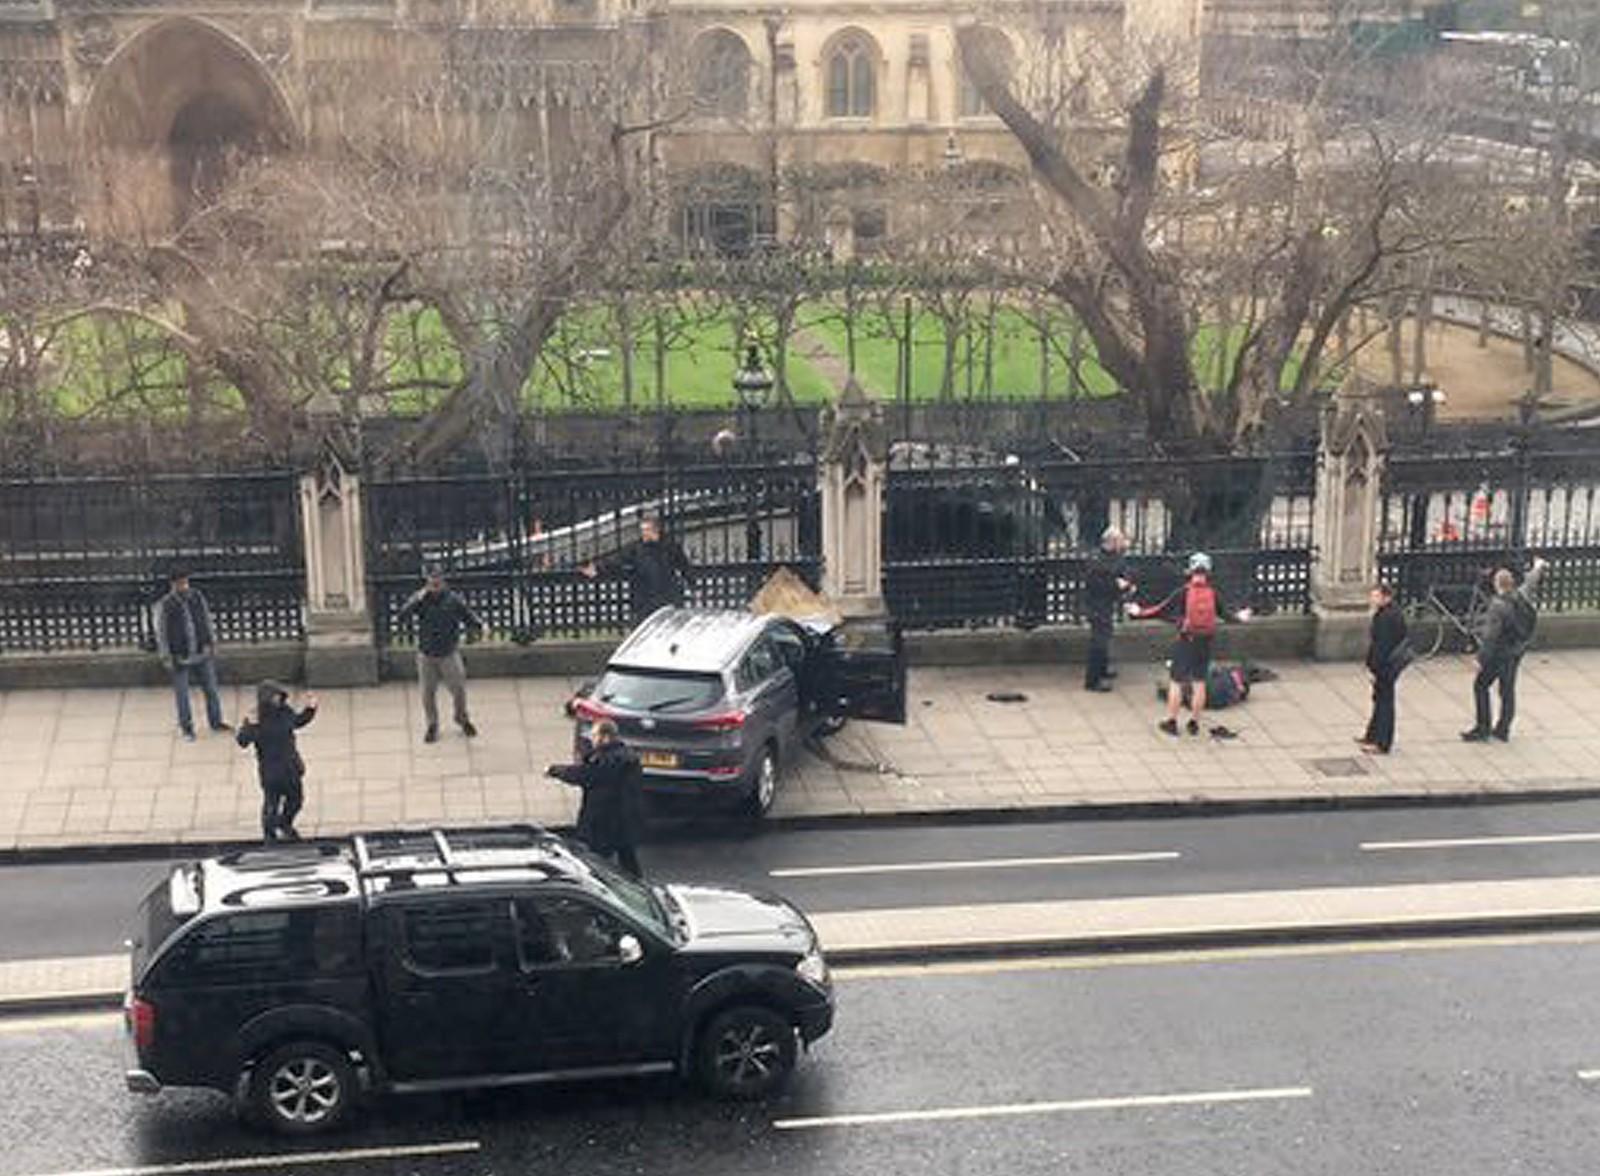 Etter å ha kjørt ned en rekke fotgjengere, krasjet gjerningspersonen bilen inn i et gjerde ved parlamentet i London.